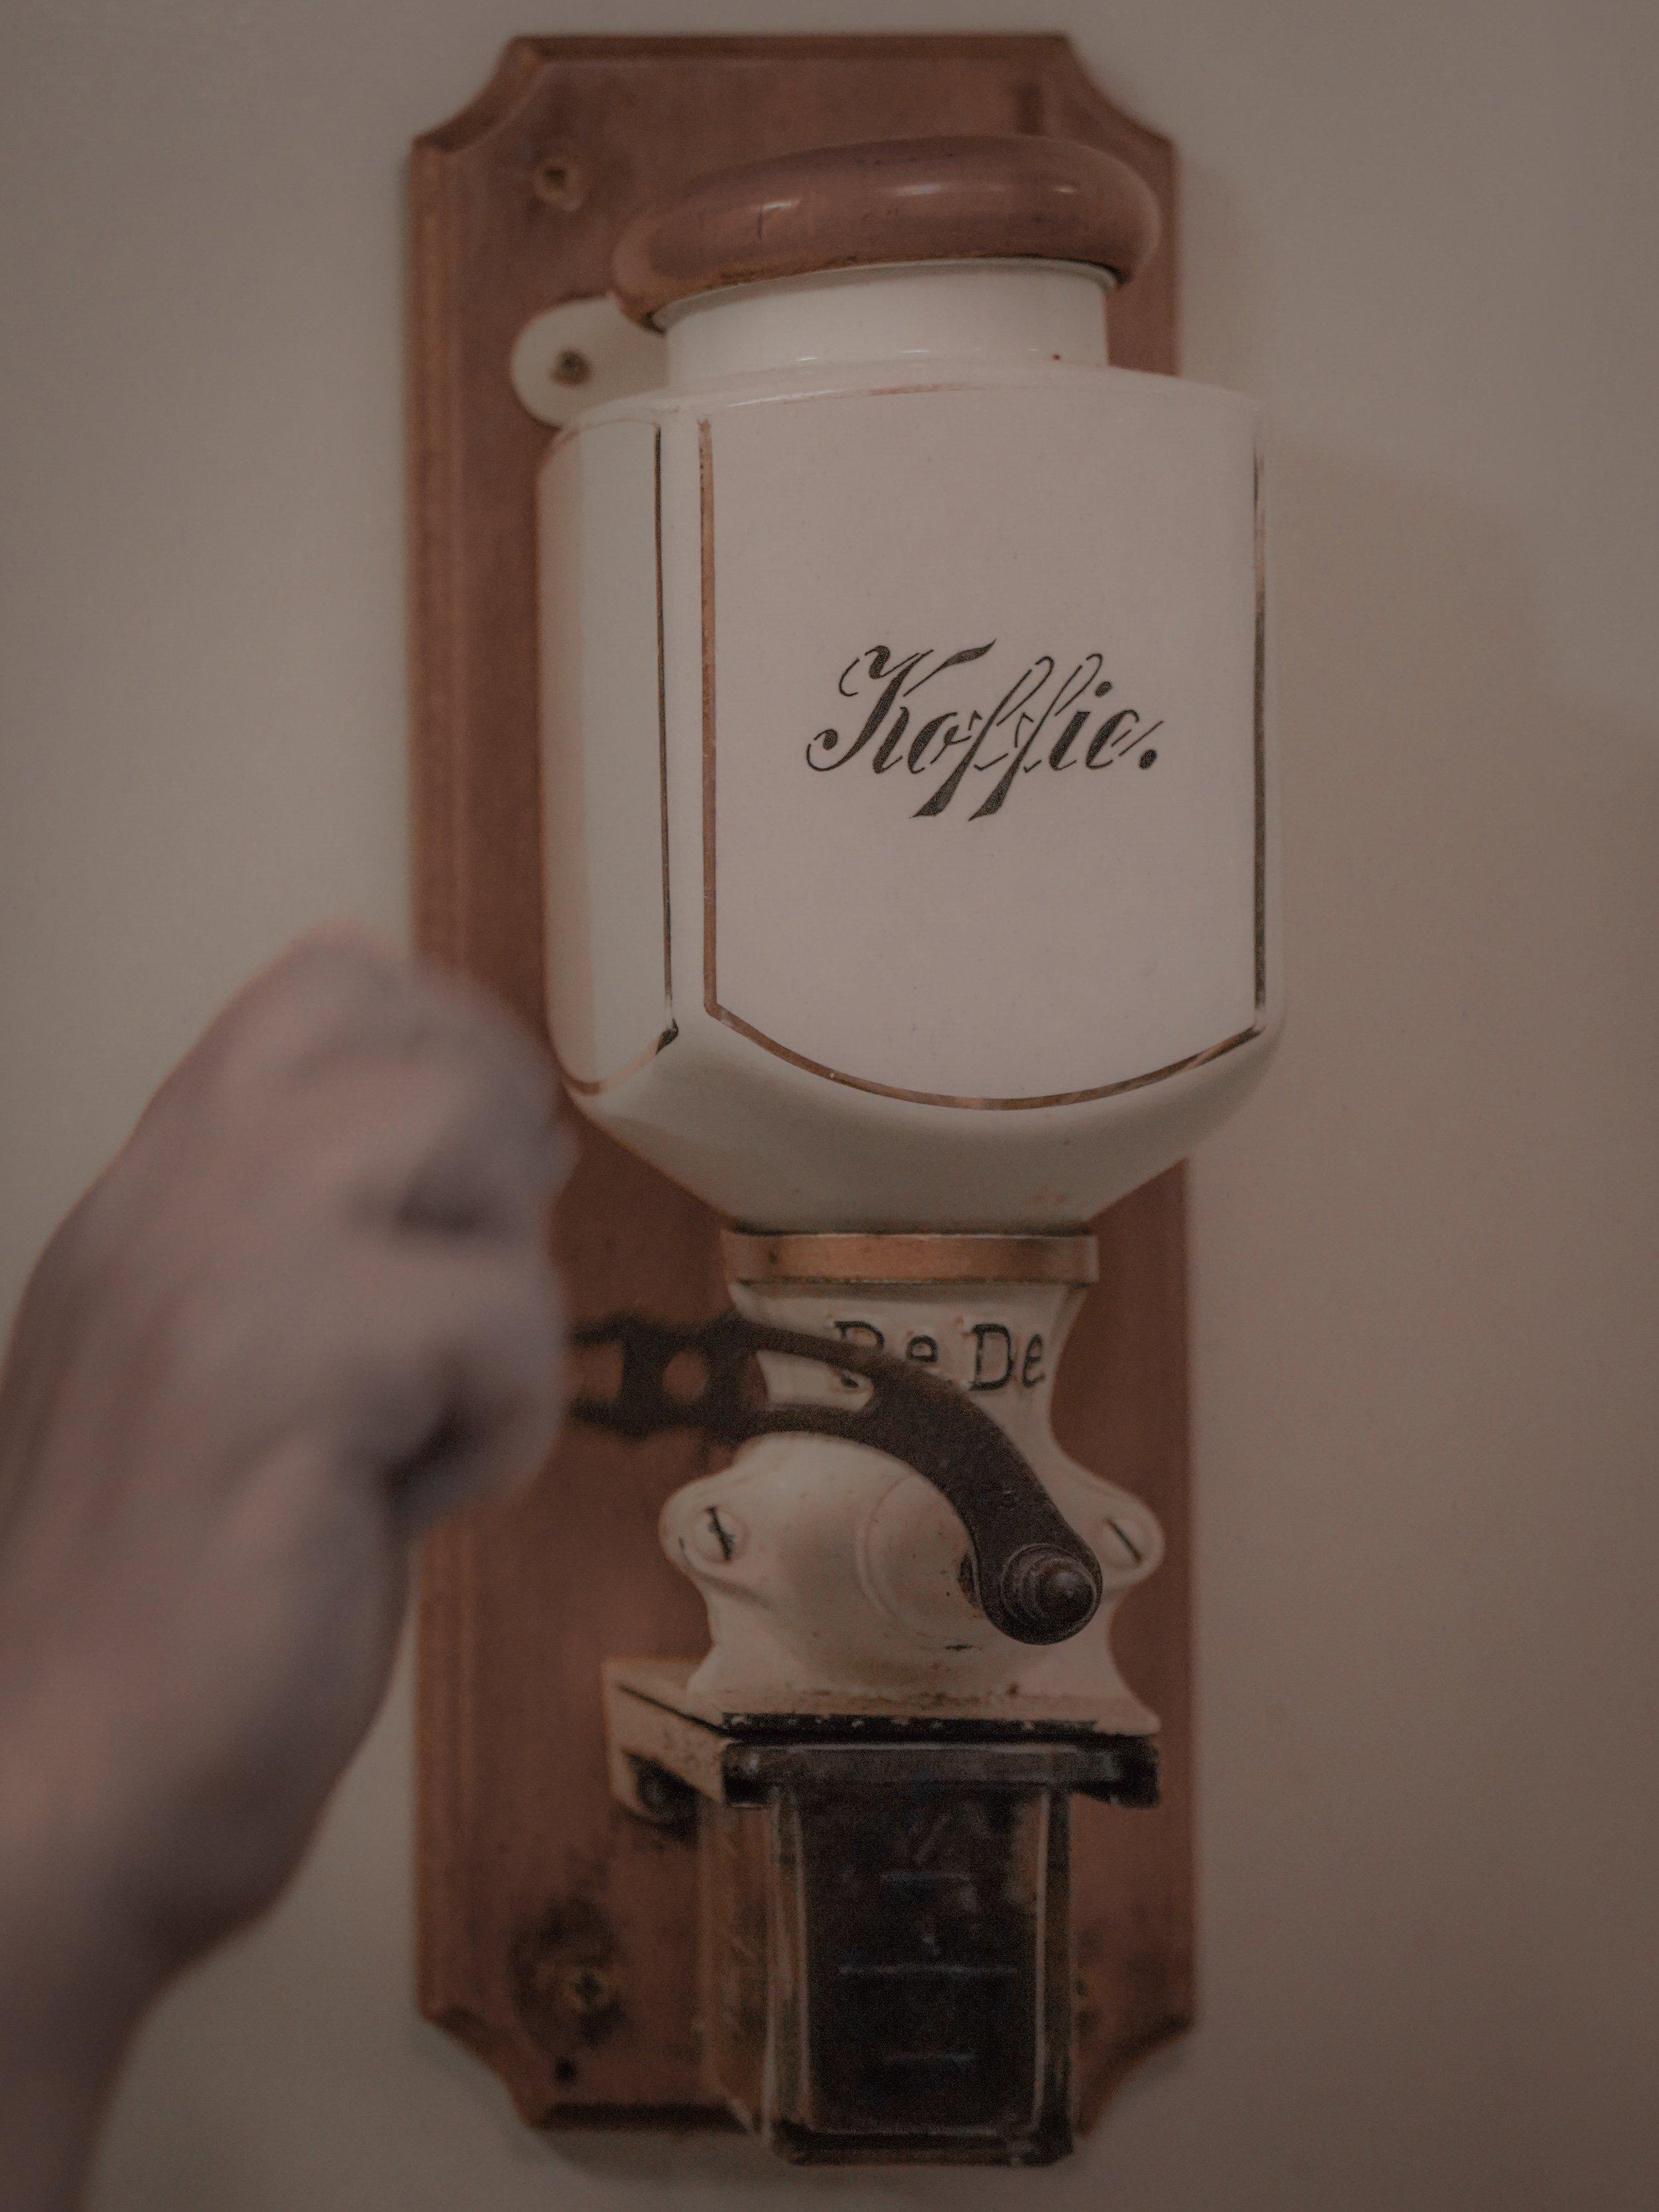 Koffie, Coffee, Cafe, Kopi, Kahvi, Kaffe -